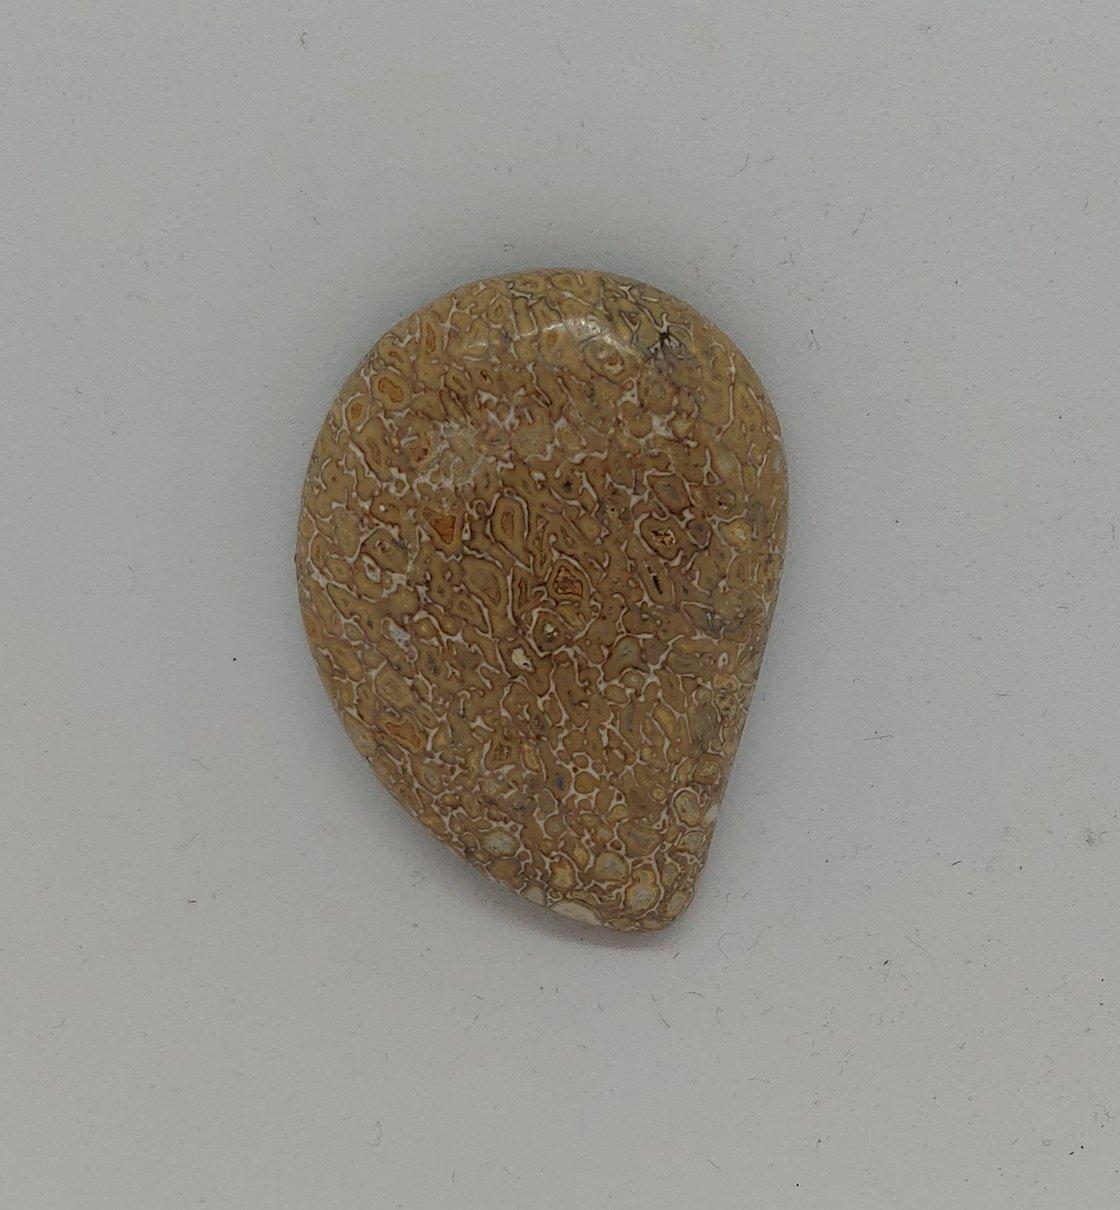 Image of Fossilized Dinosaur Bone #21-463